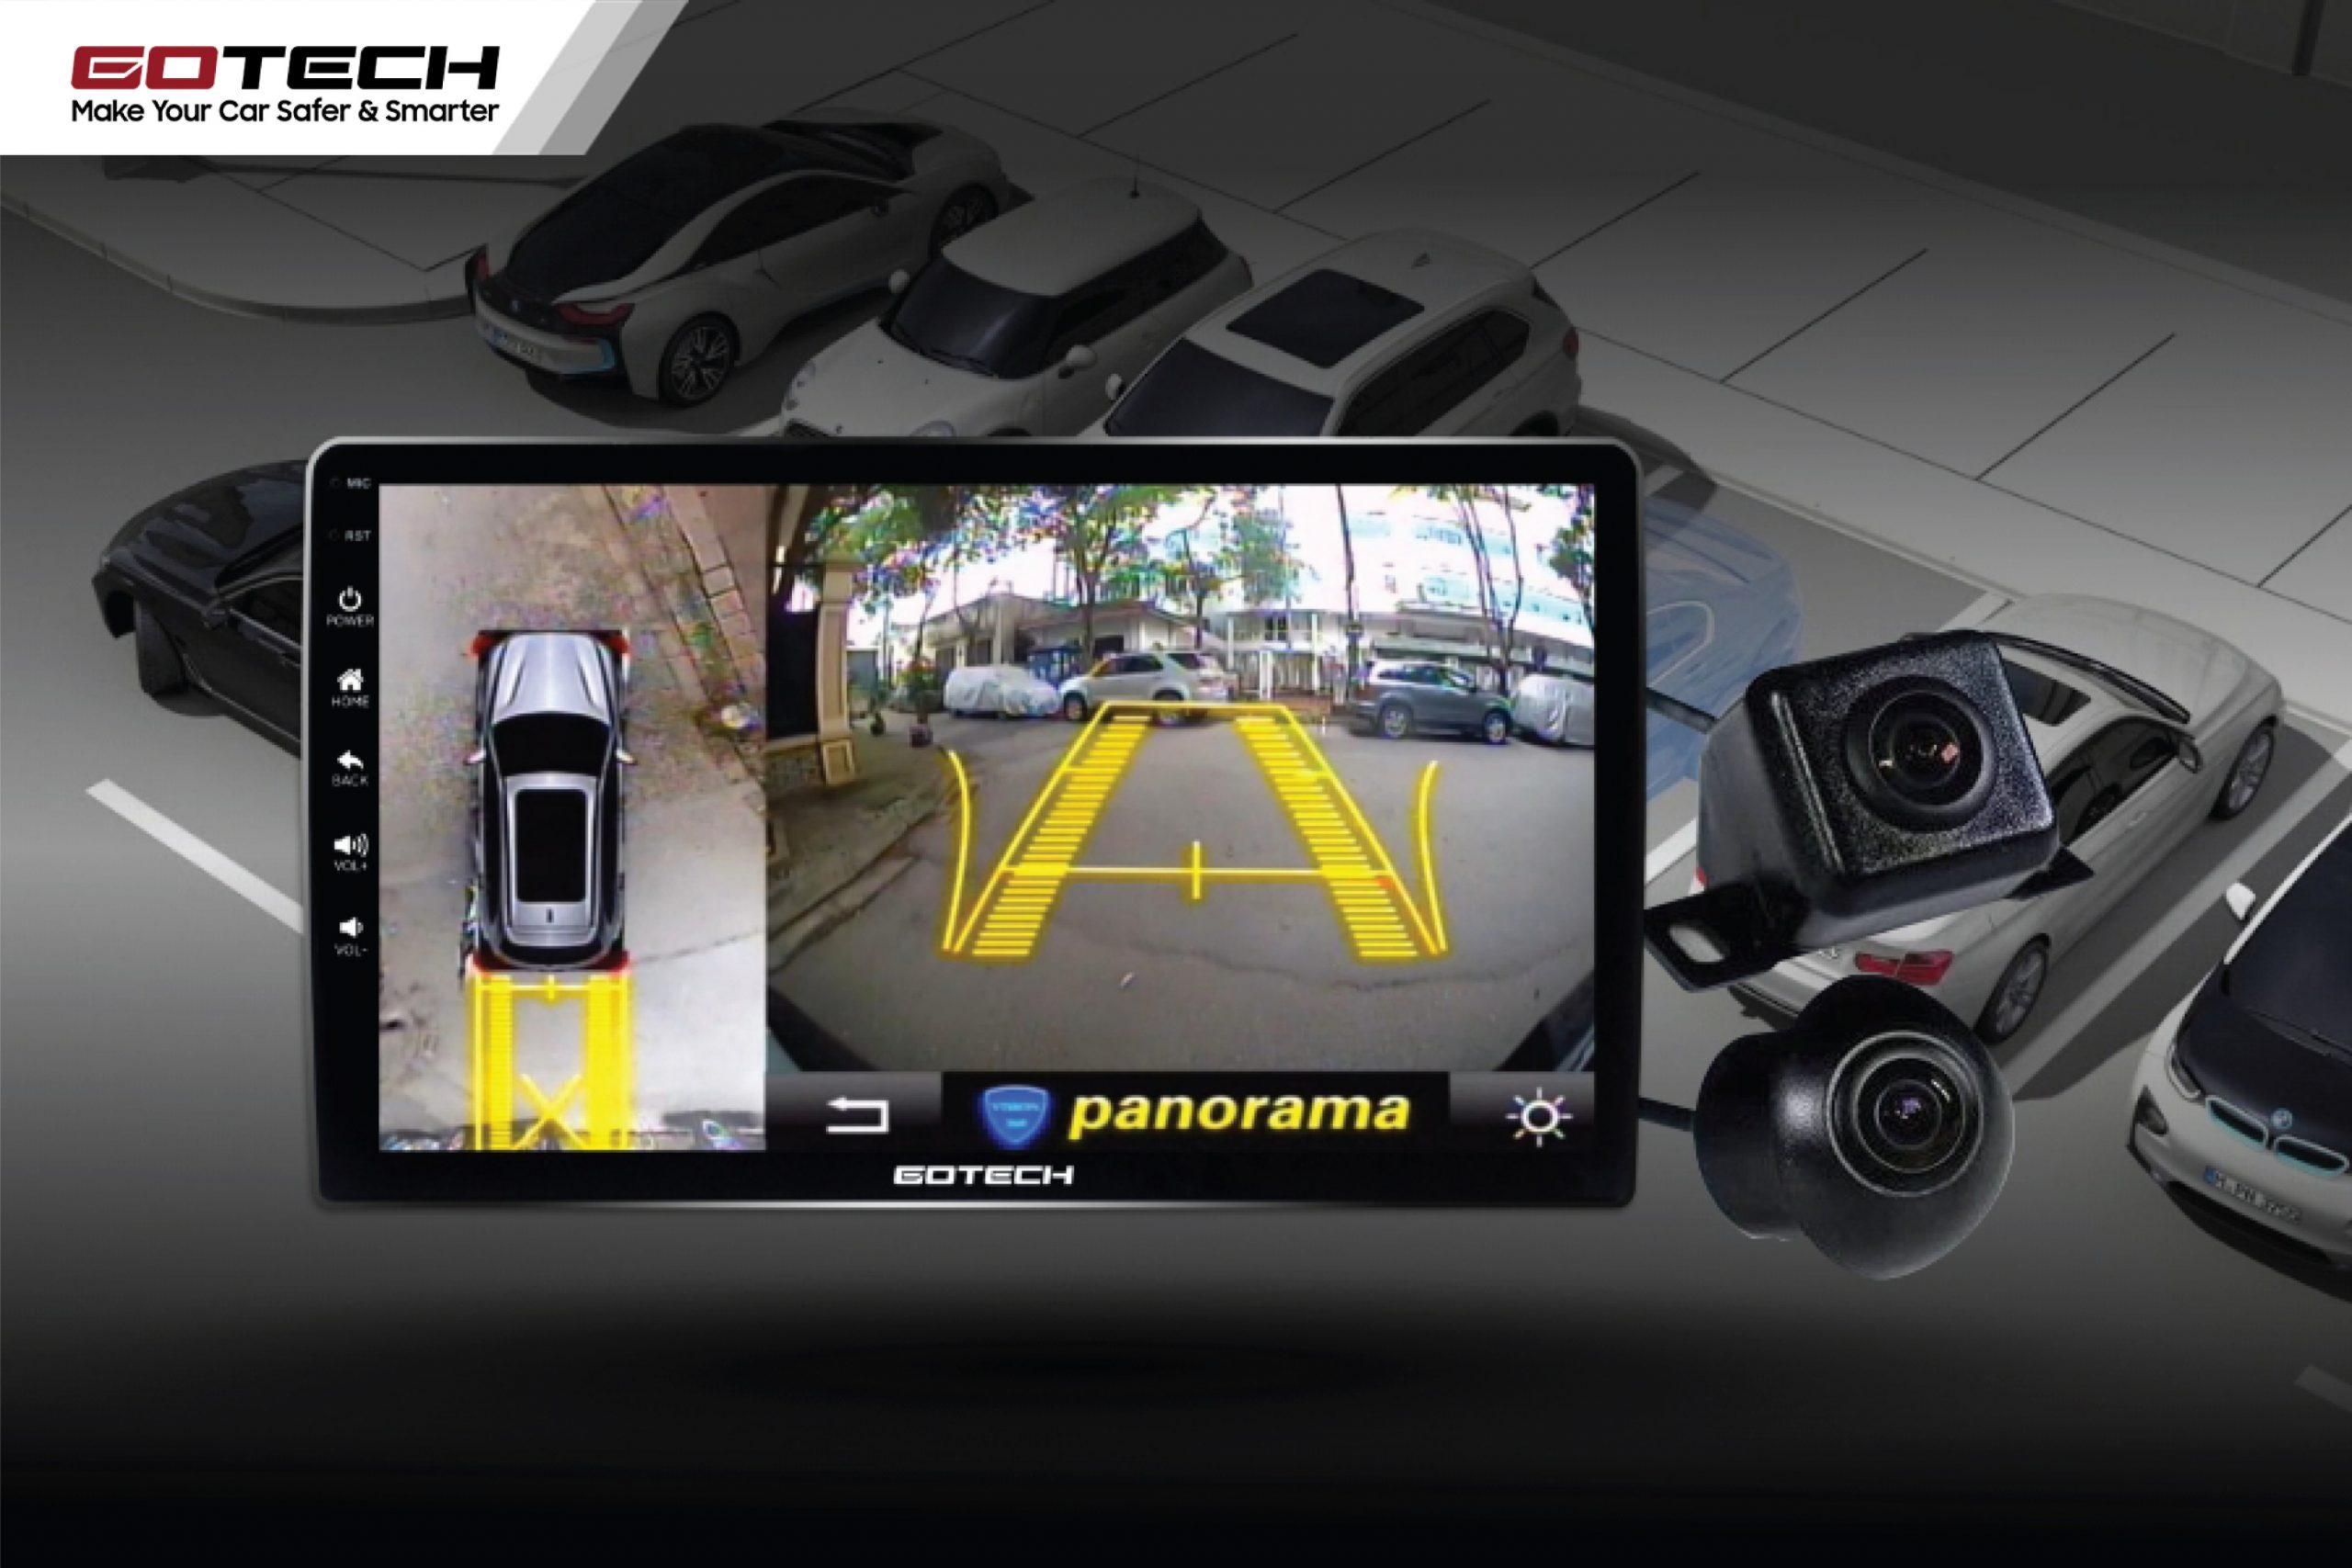 Màn hình liền camera 360 độ hỗ trợ quan sát toàn cảnh khi lái xe.